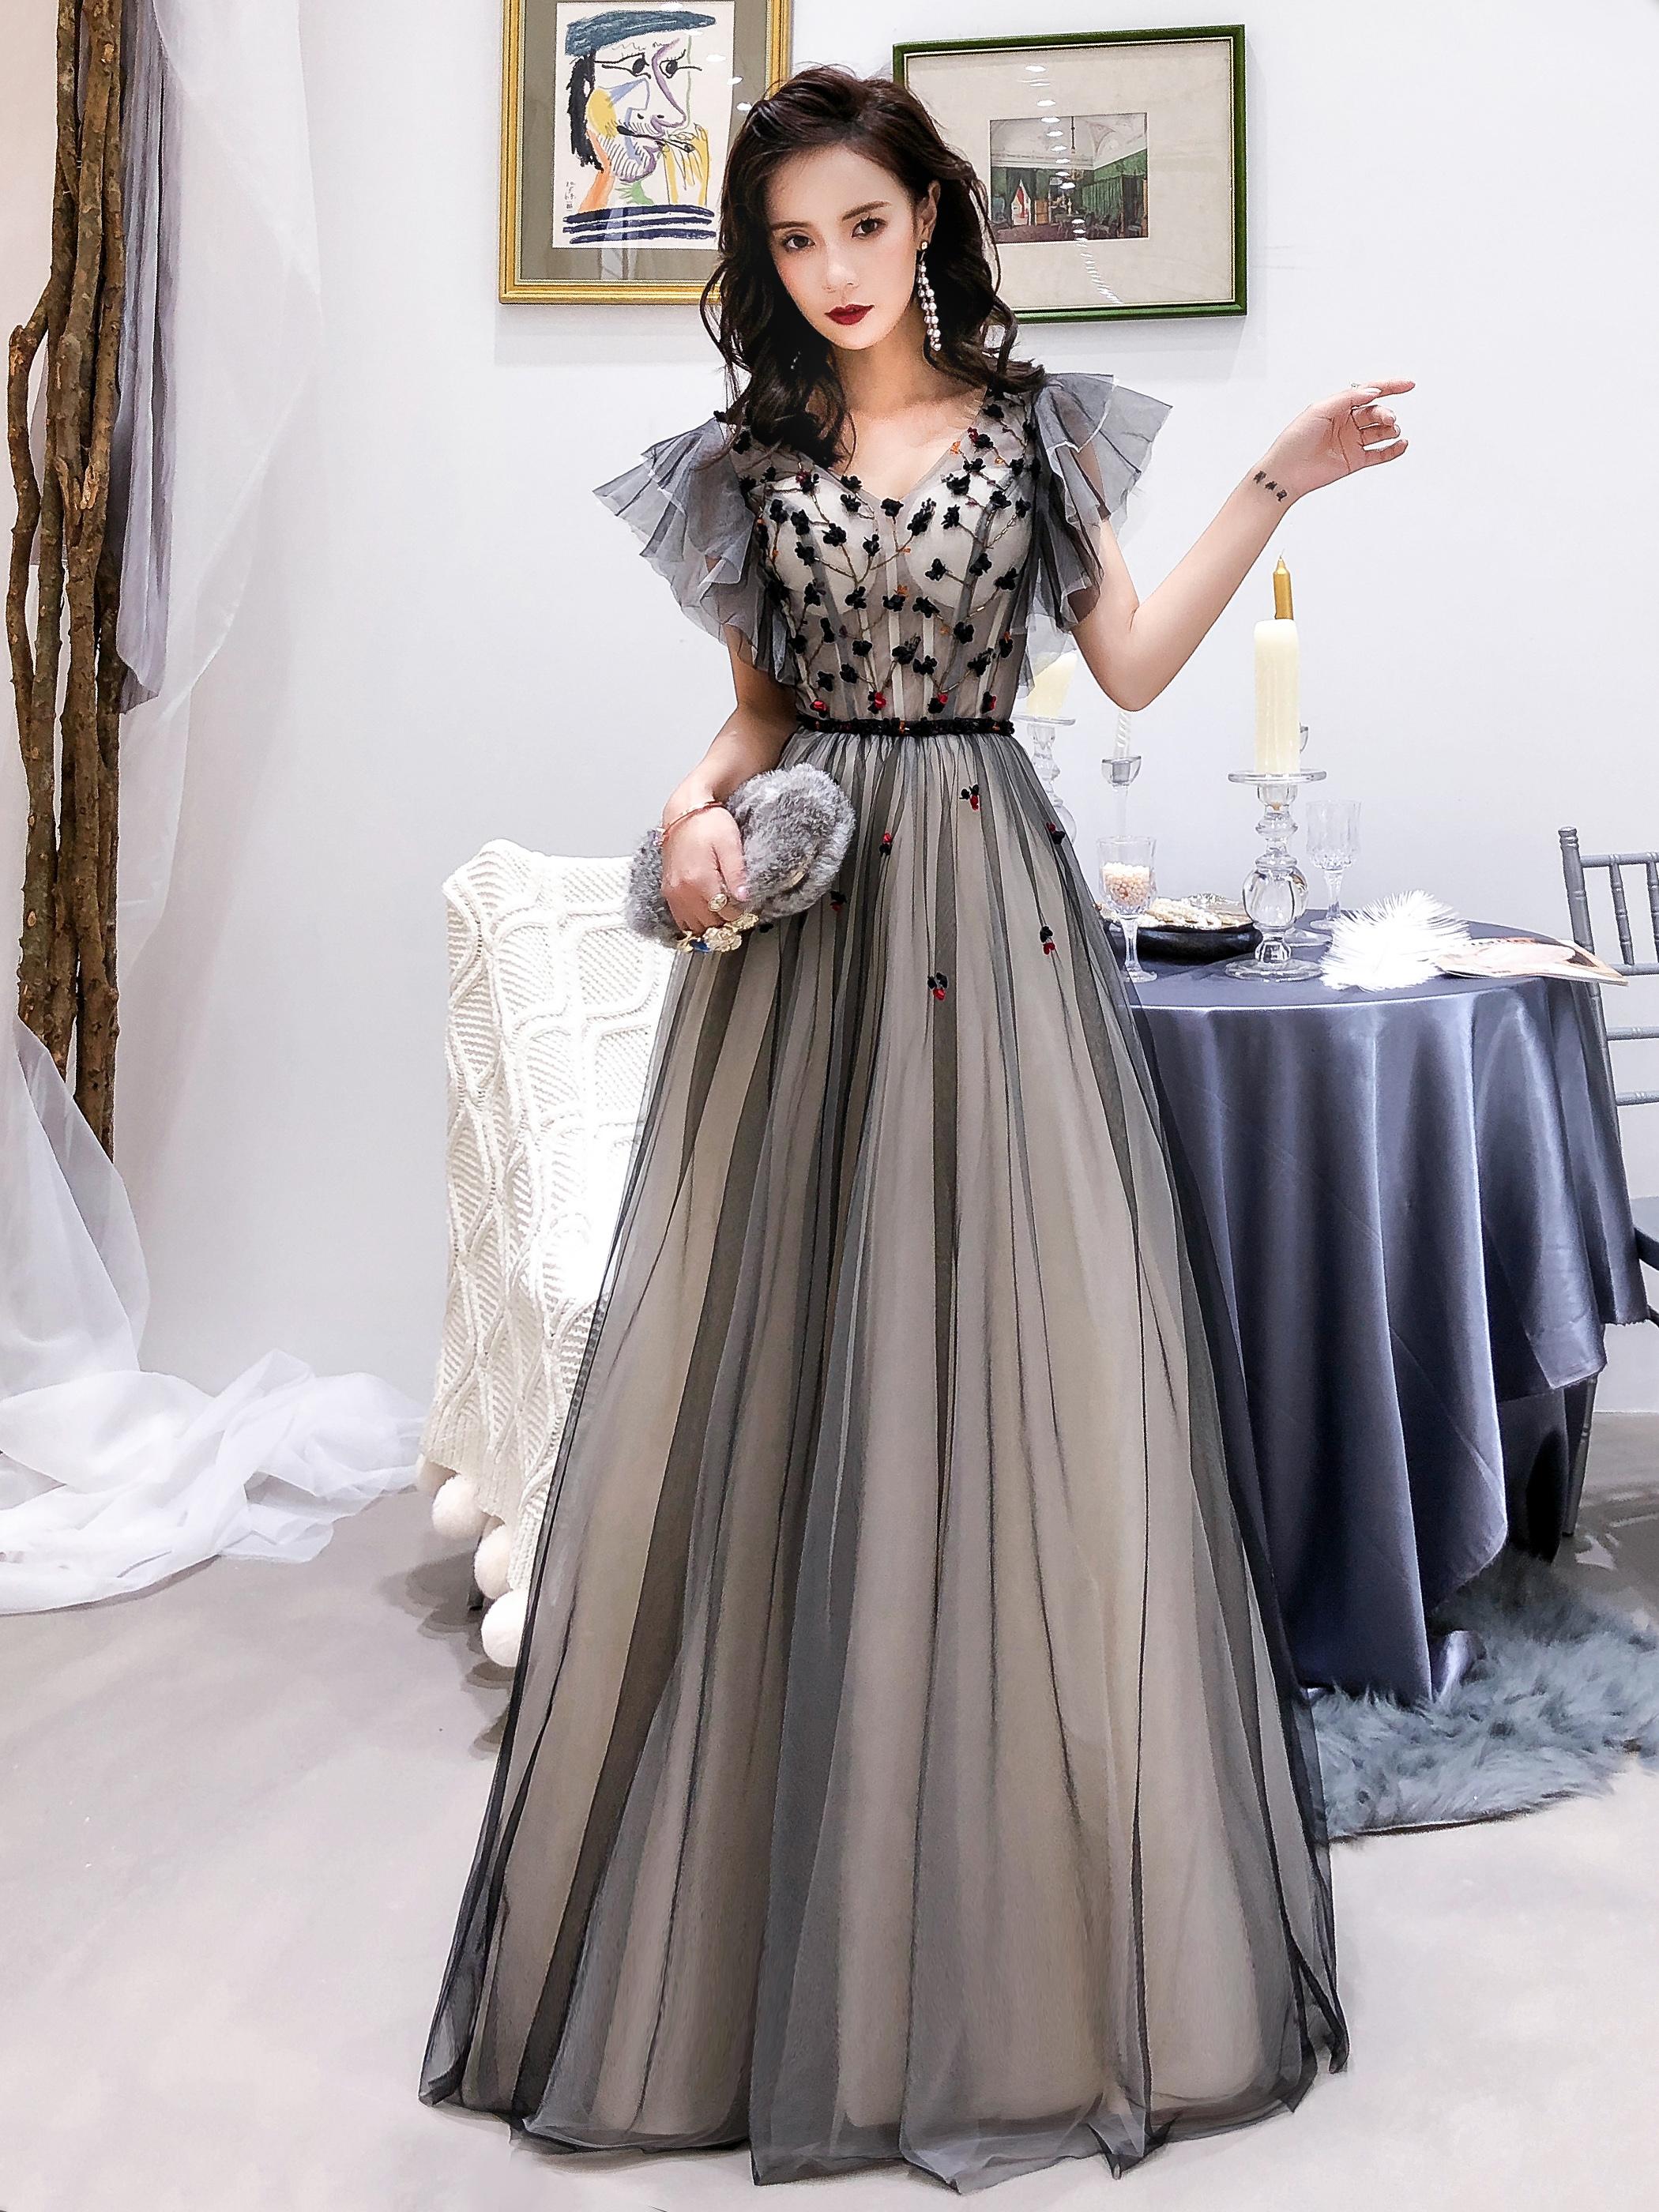 6c1827e2883 Cute black tulle long prom dress